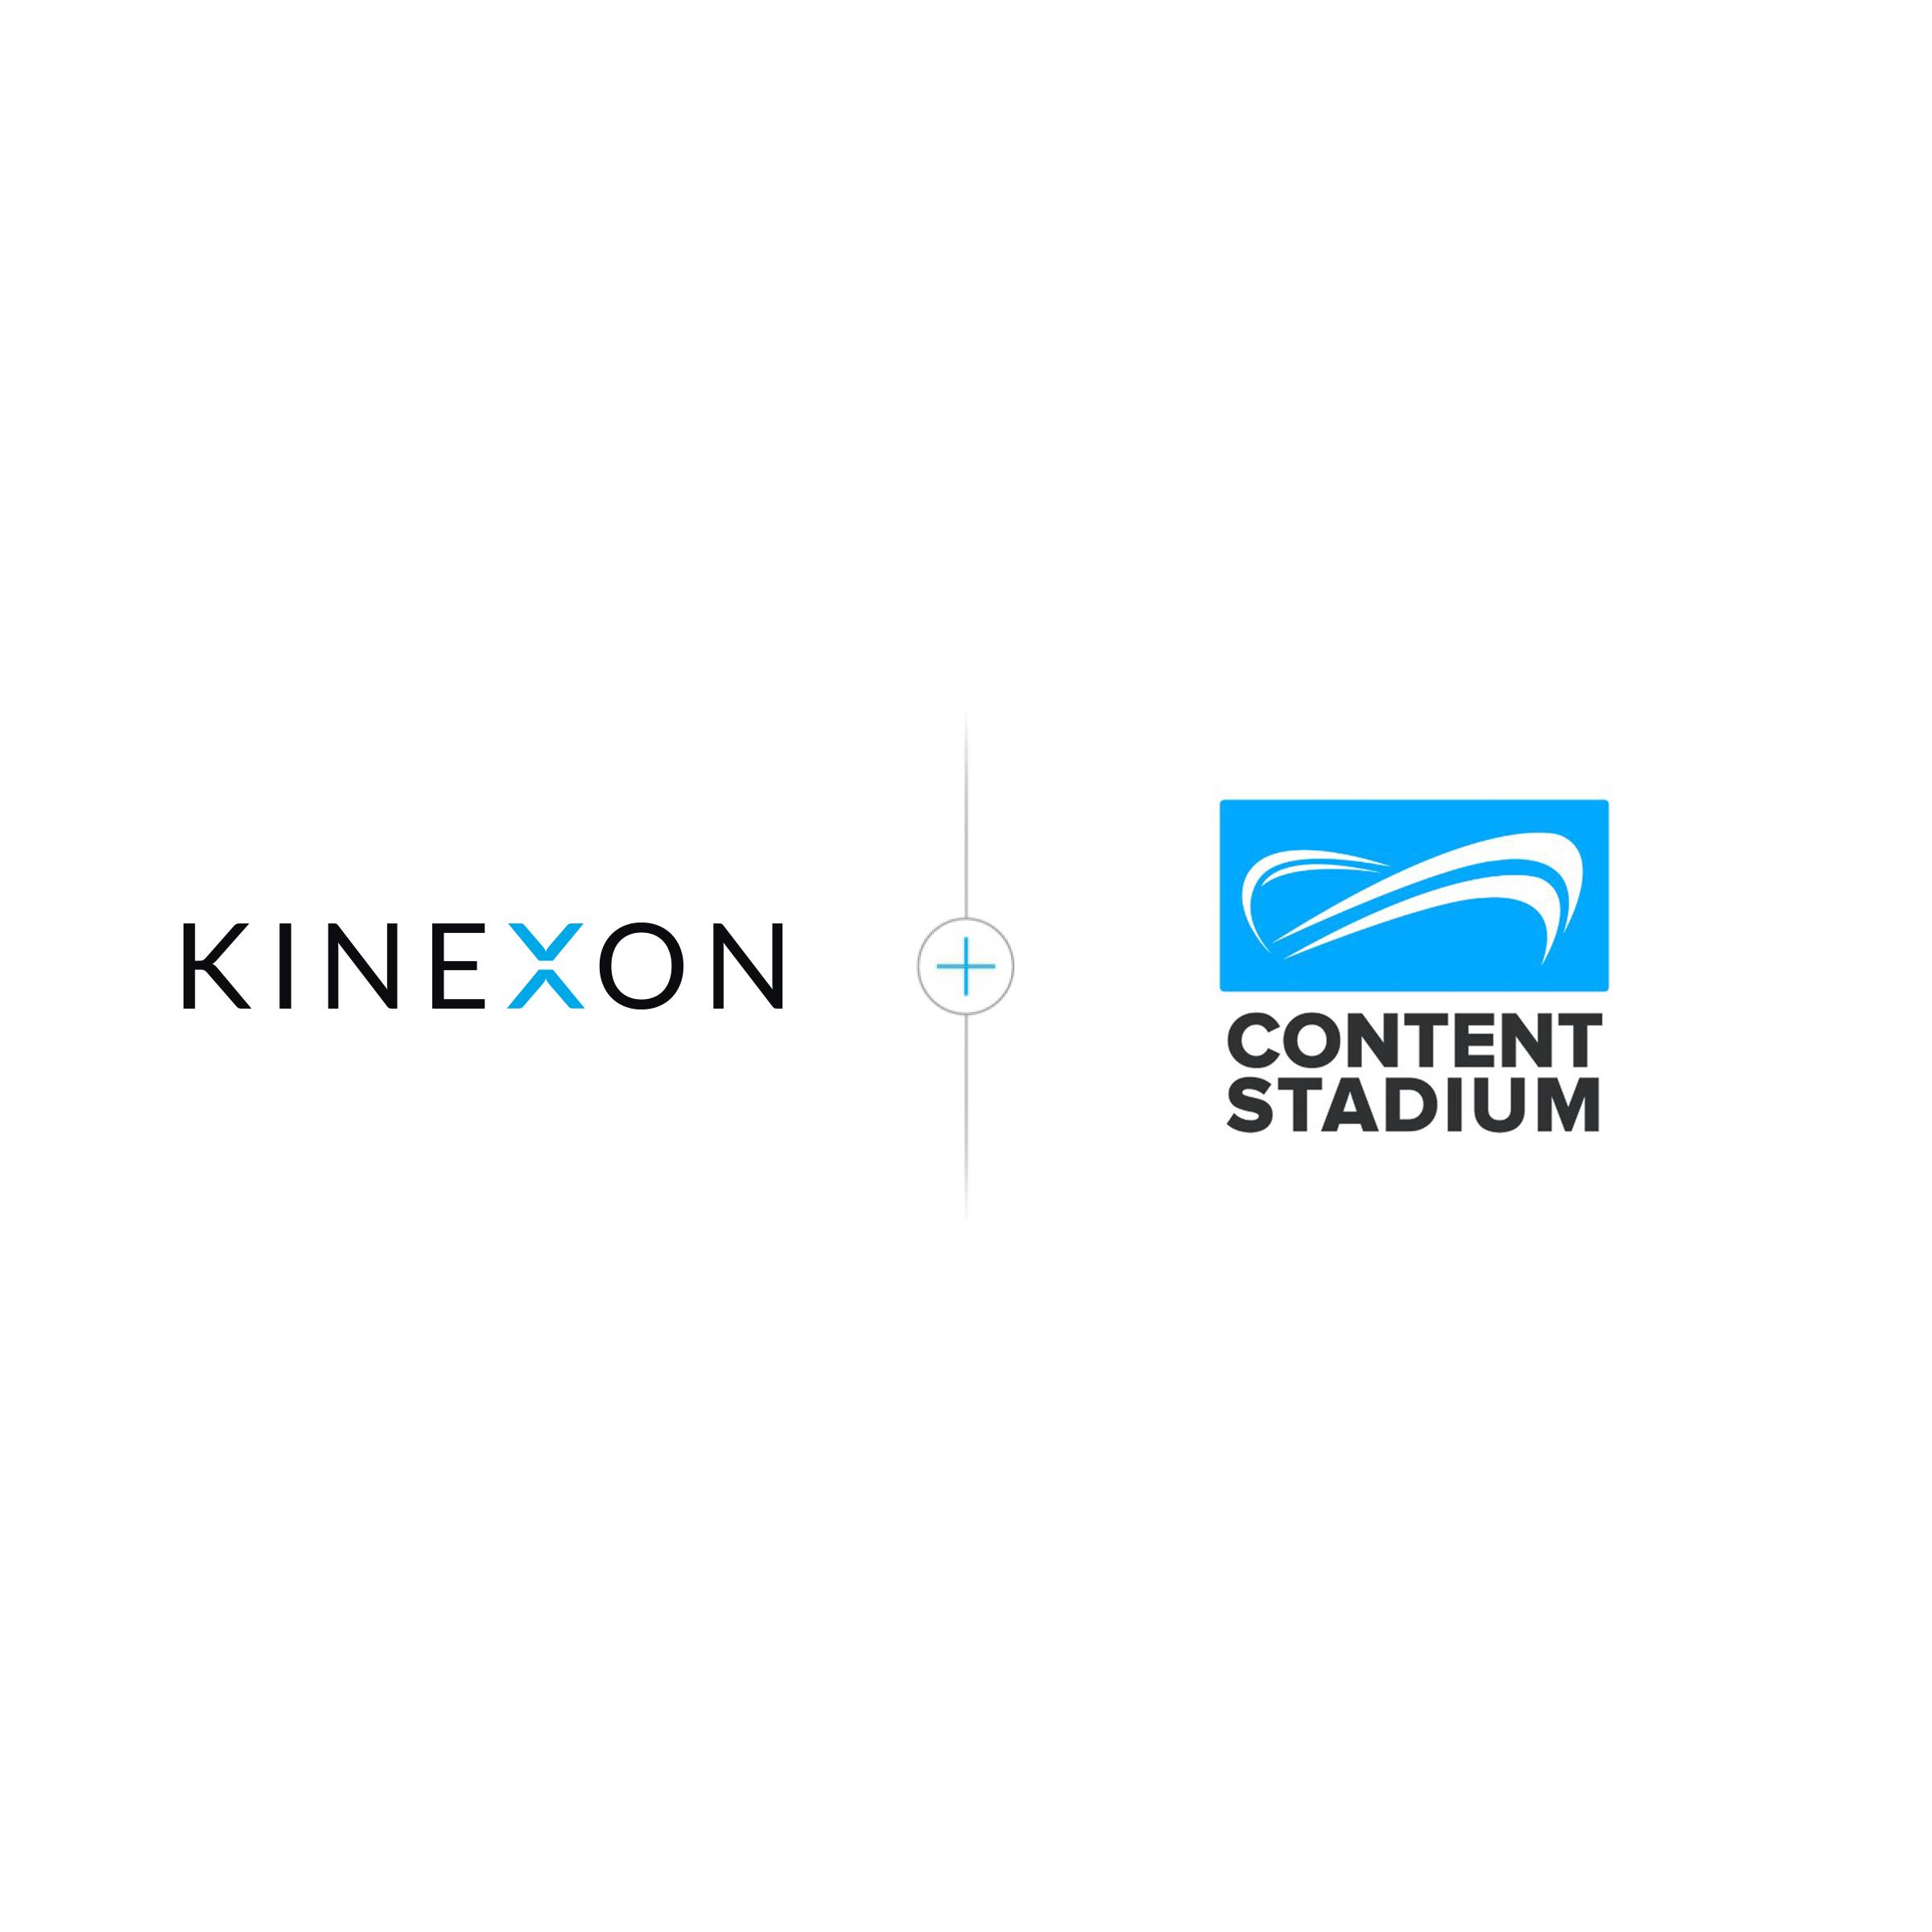 KINEXON x Content Stadium square